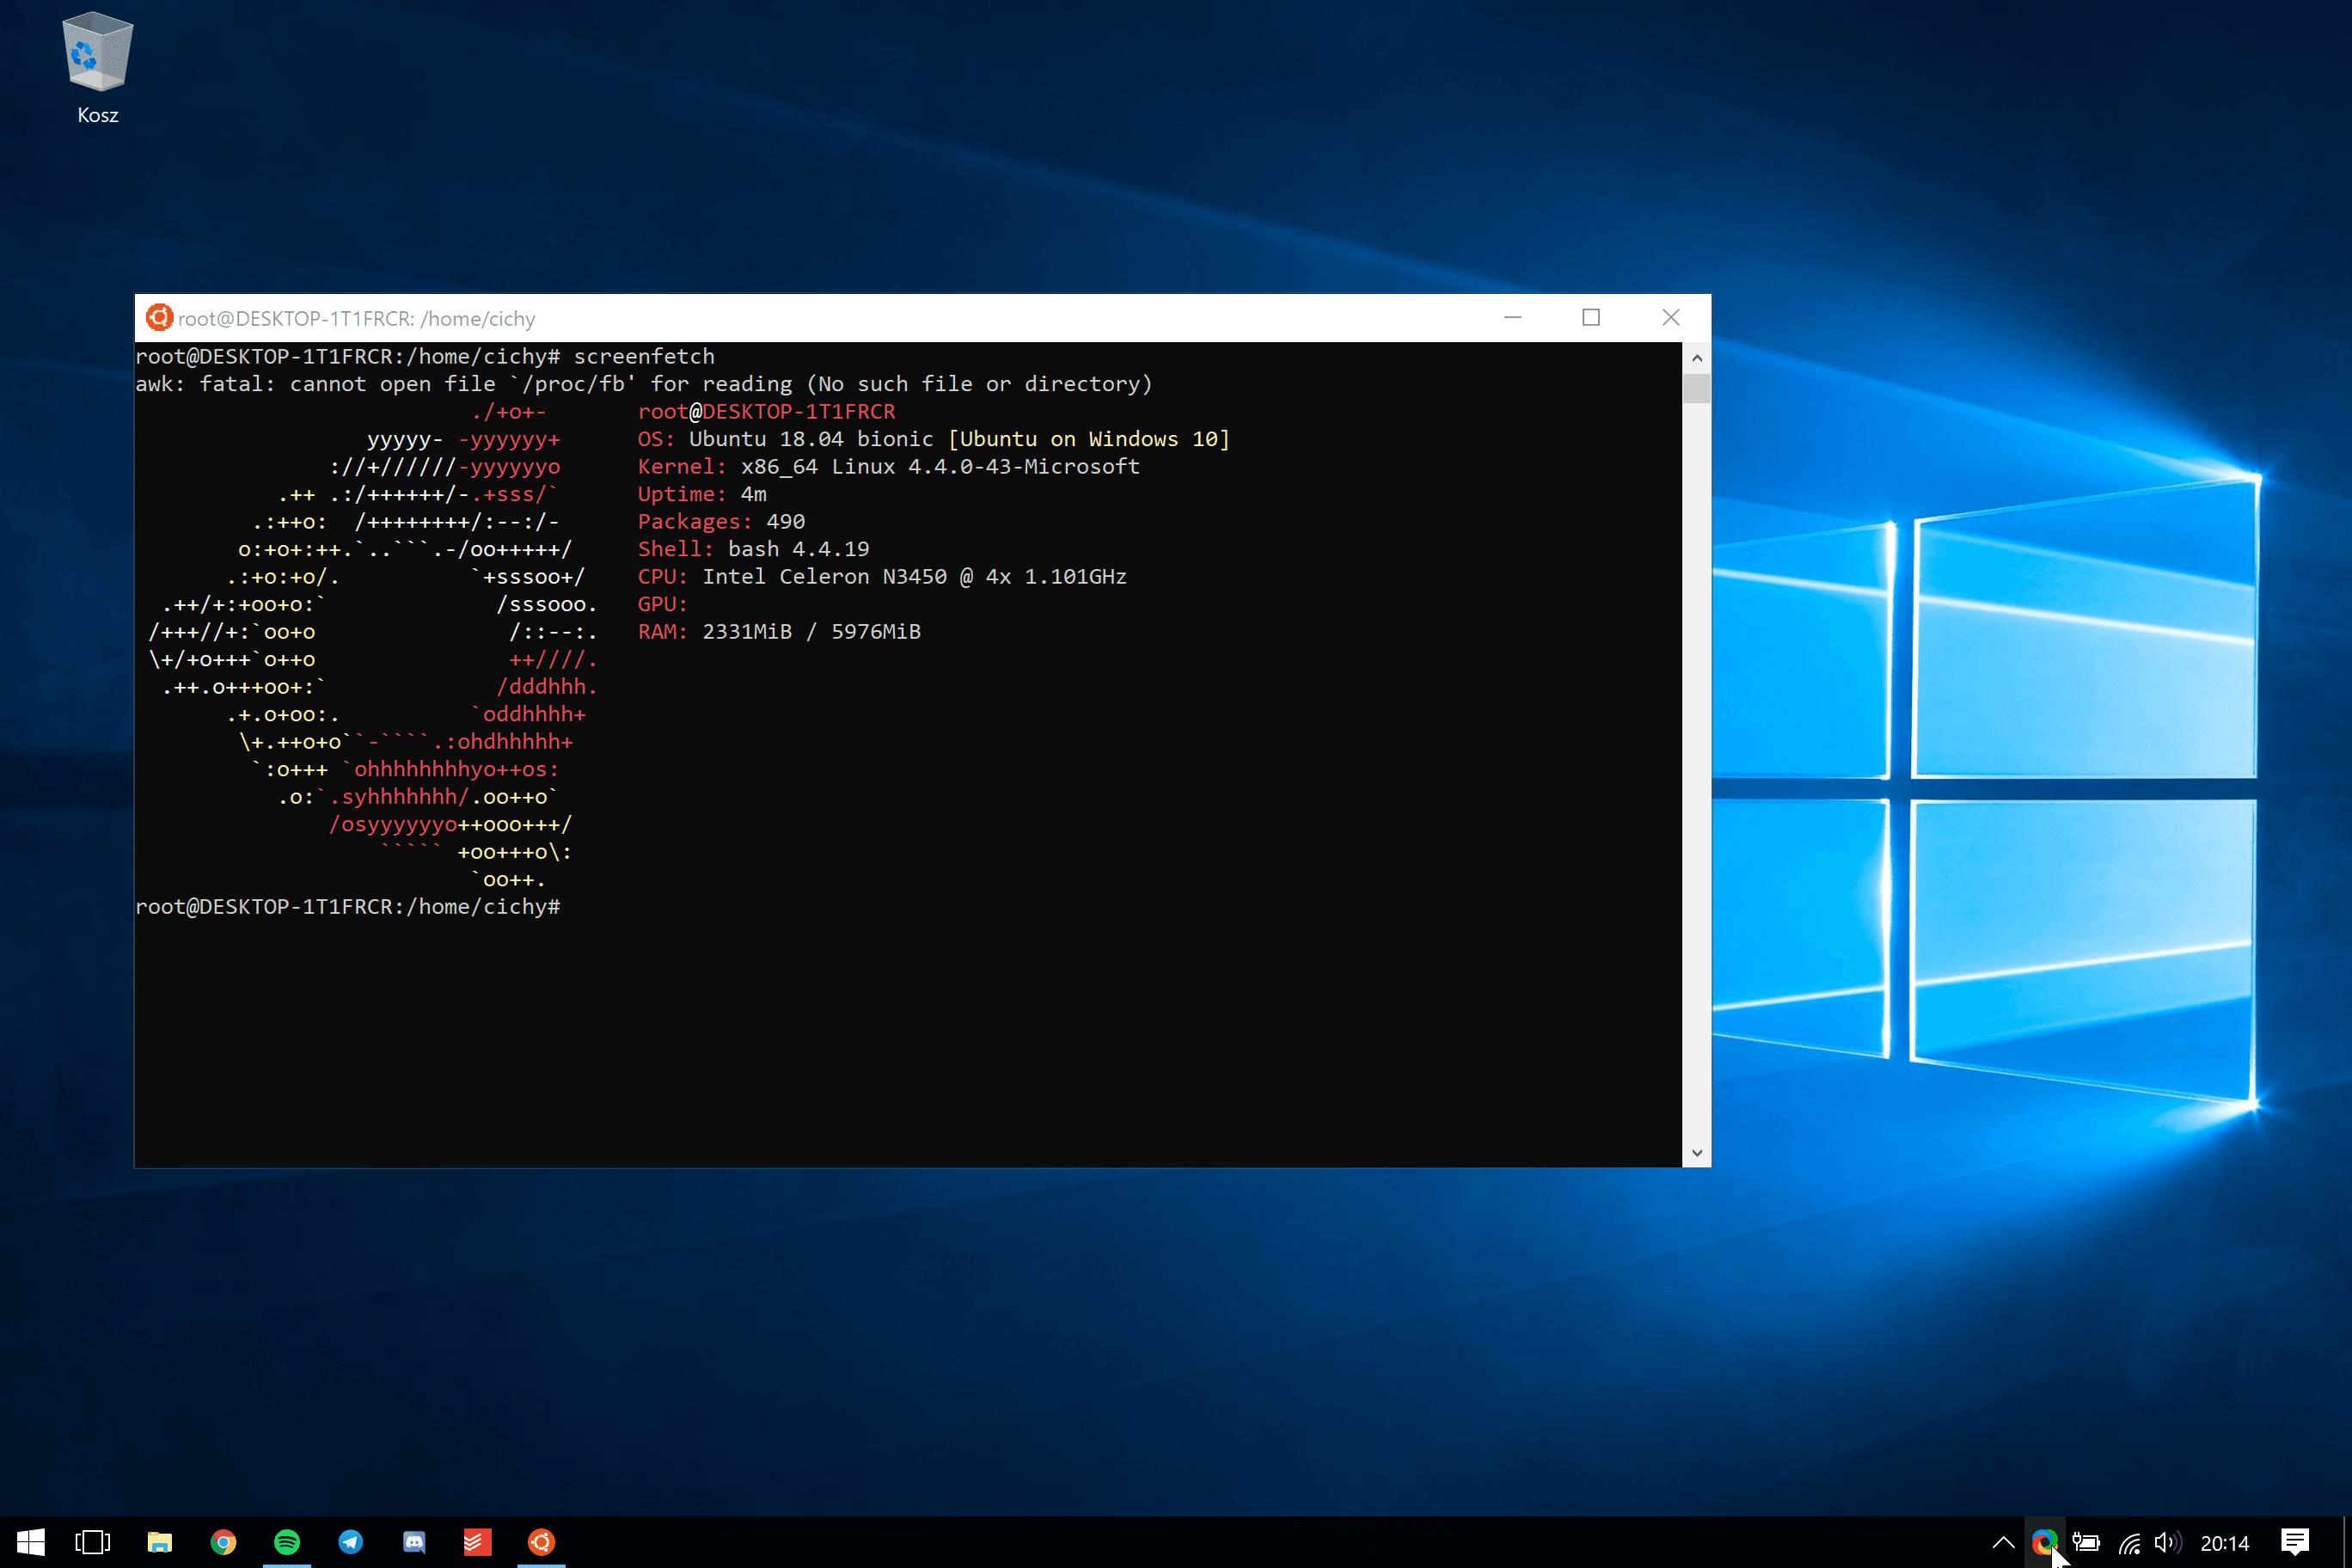 Microsoft dodał nowe funkcje do usługi Windows Subsystem for Linux 30